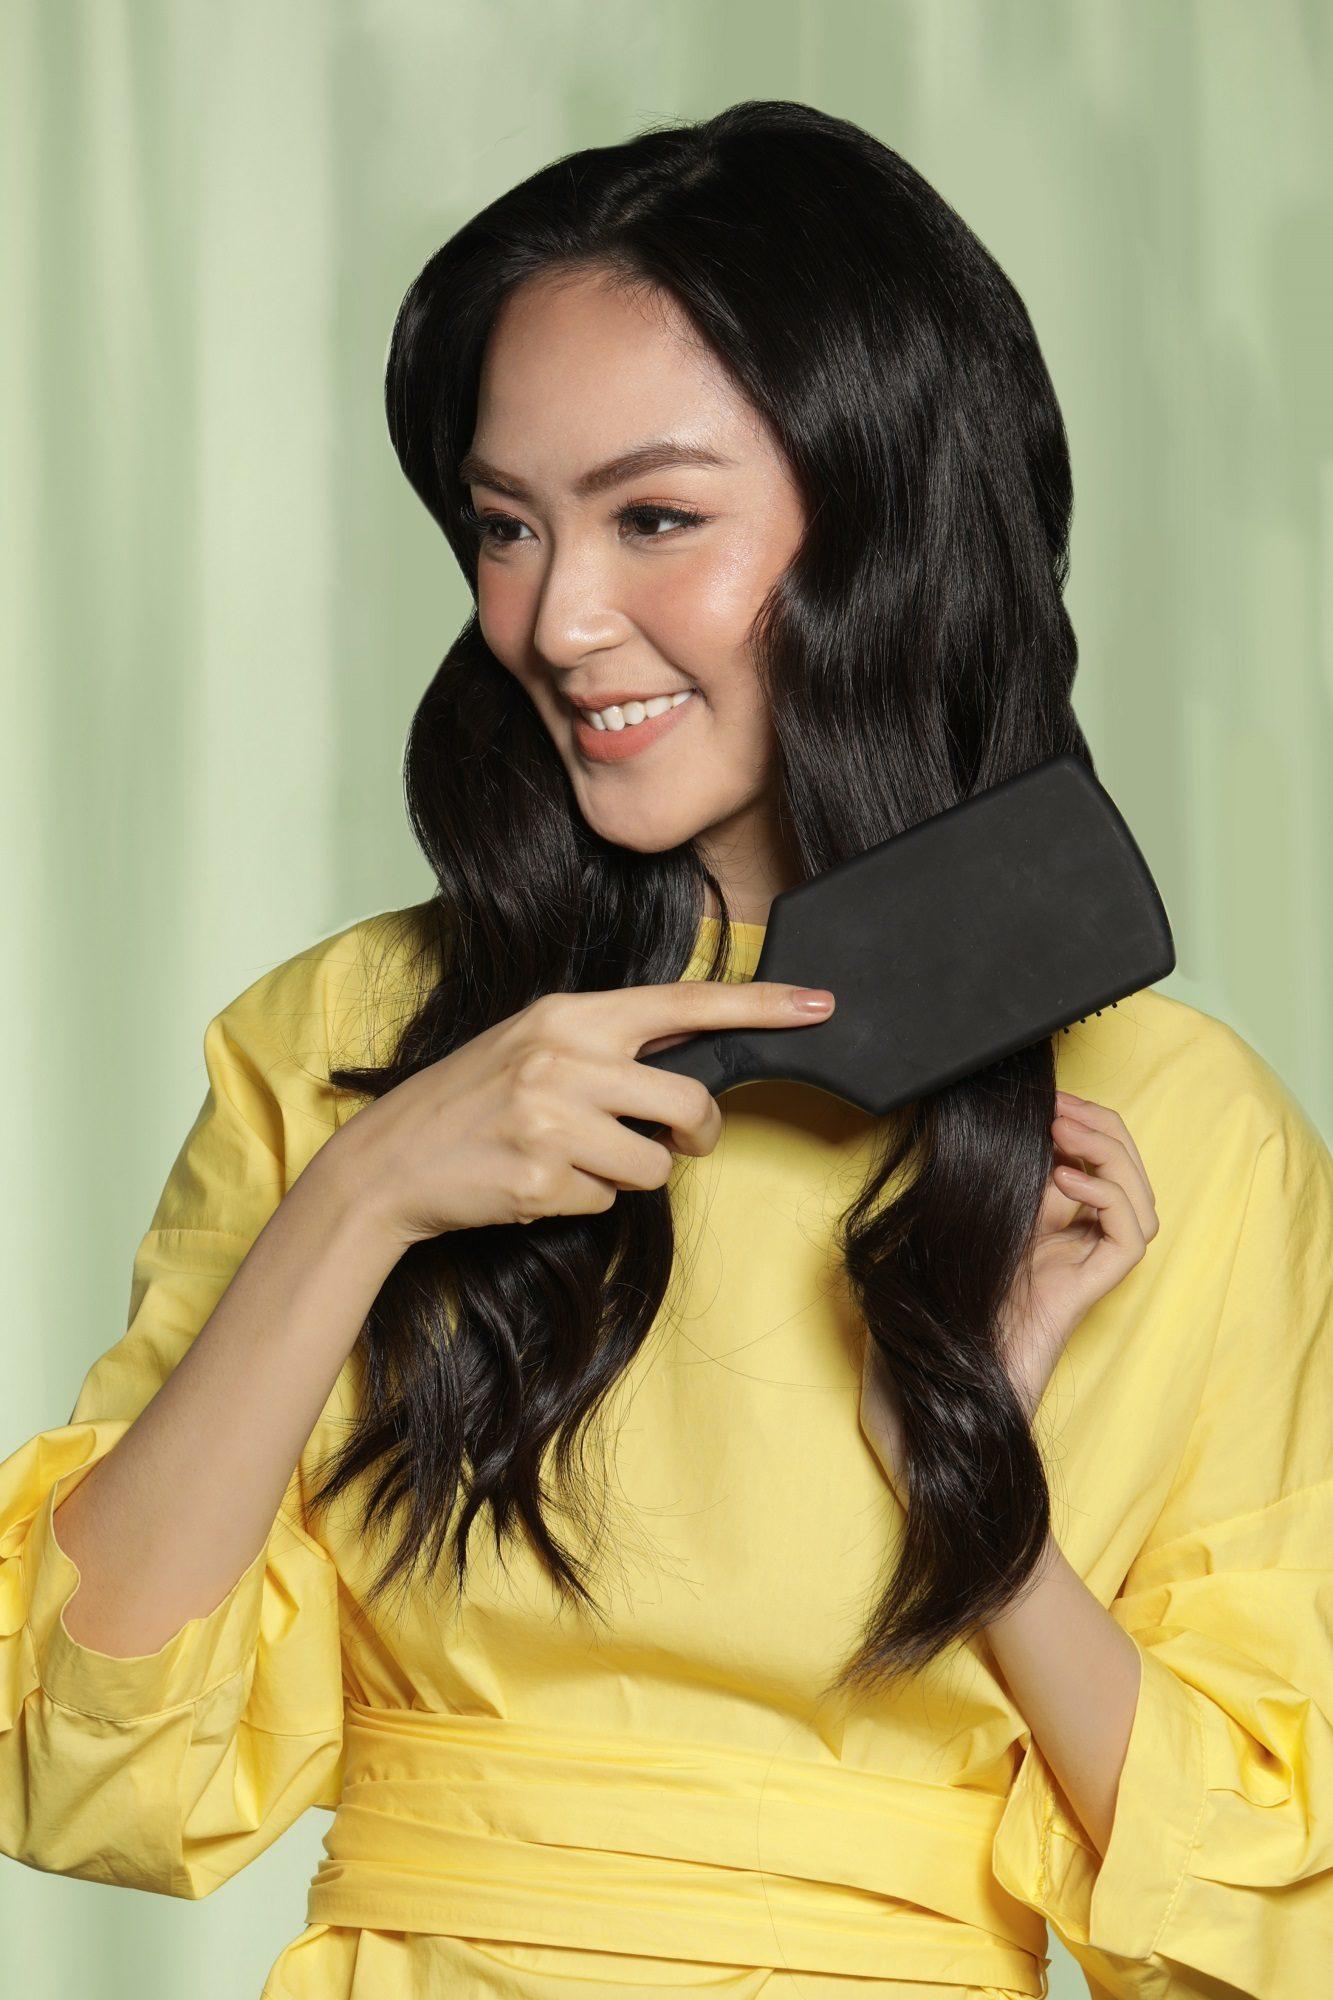 Wanita Asia menyisi rambutnya yang bergelombang.